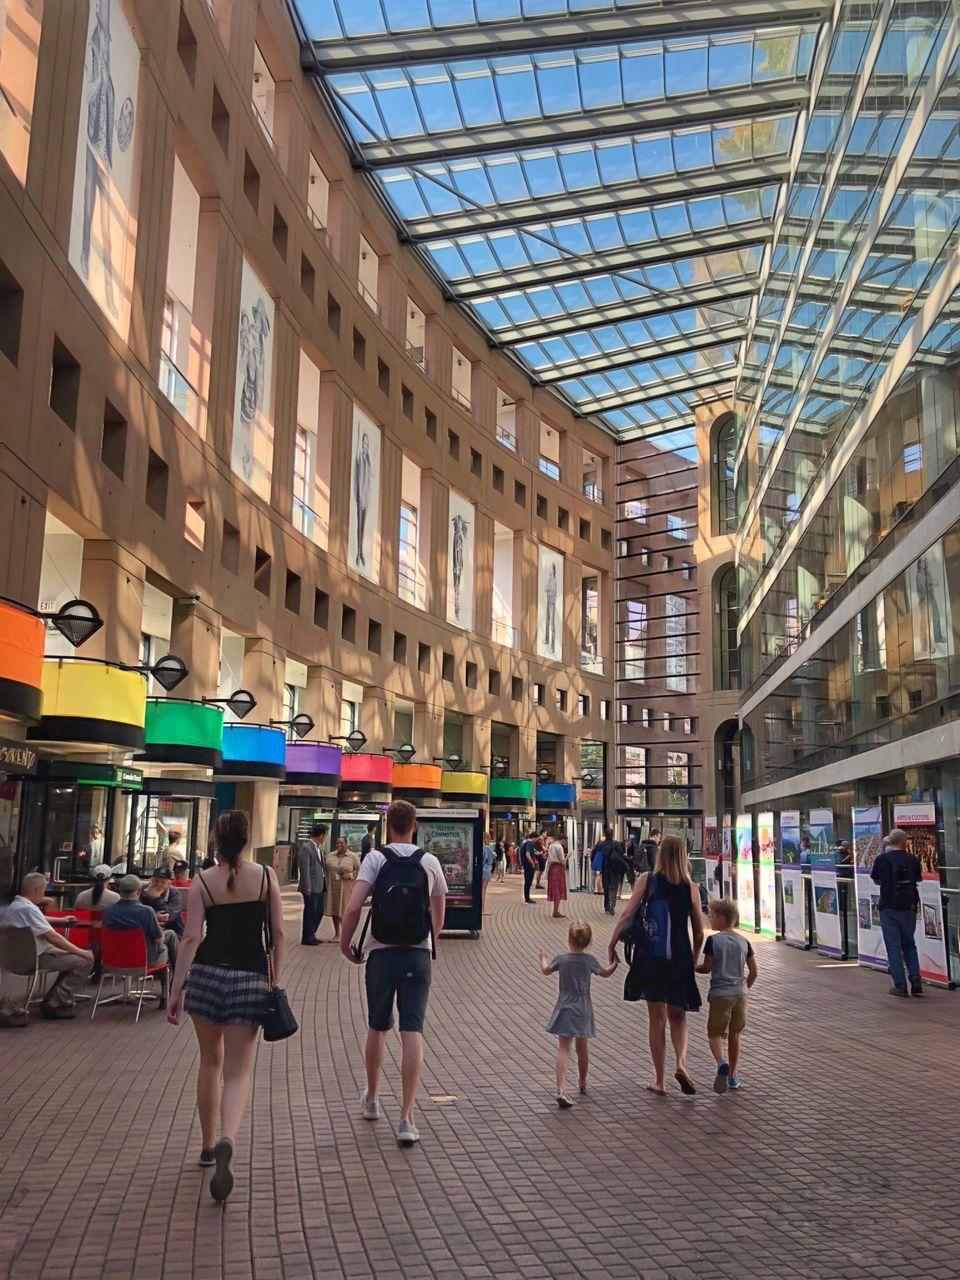 GROUP OF PEOPLE WALKING IN MODERN BUILDING